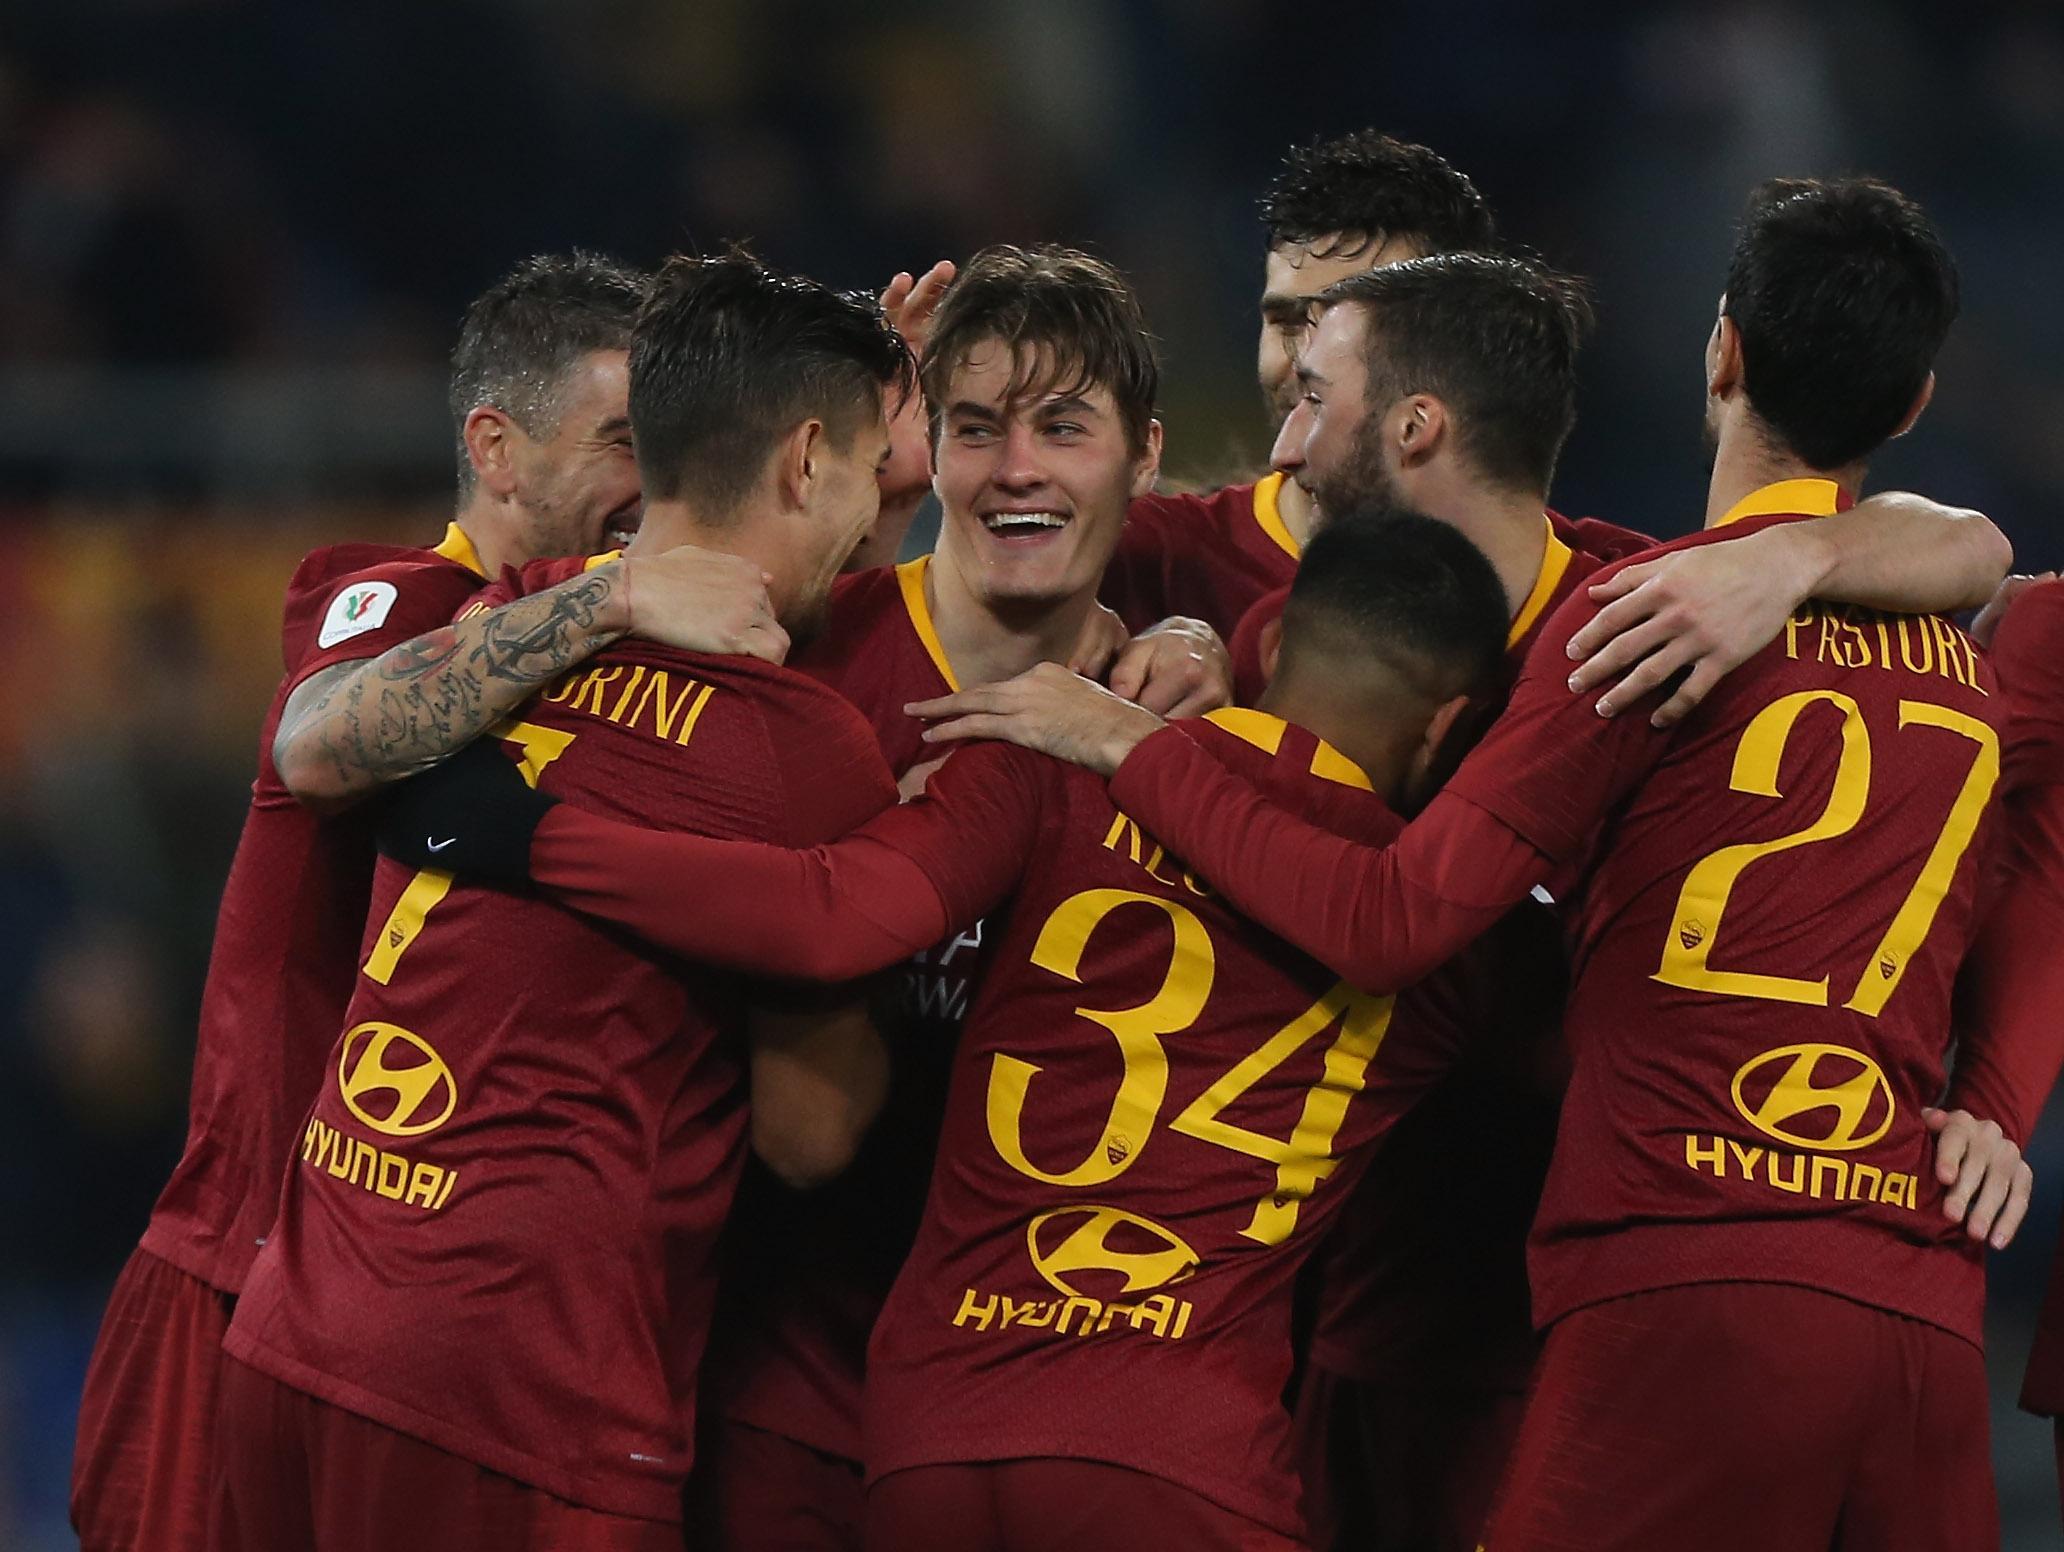 גביע איטלקי: 0:4 קליל לרומא, תפגוש את פיורנטינה ברבע הגמר